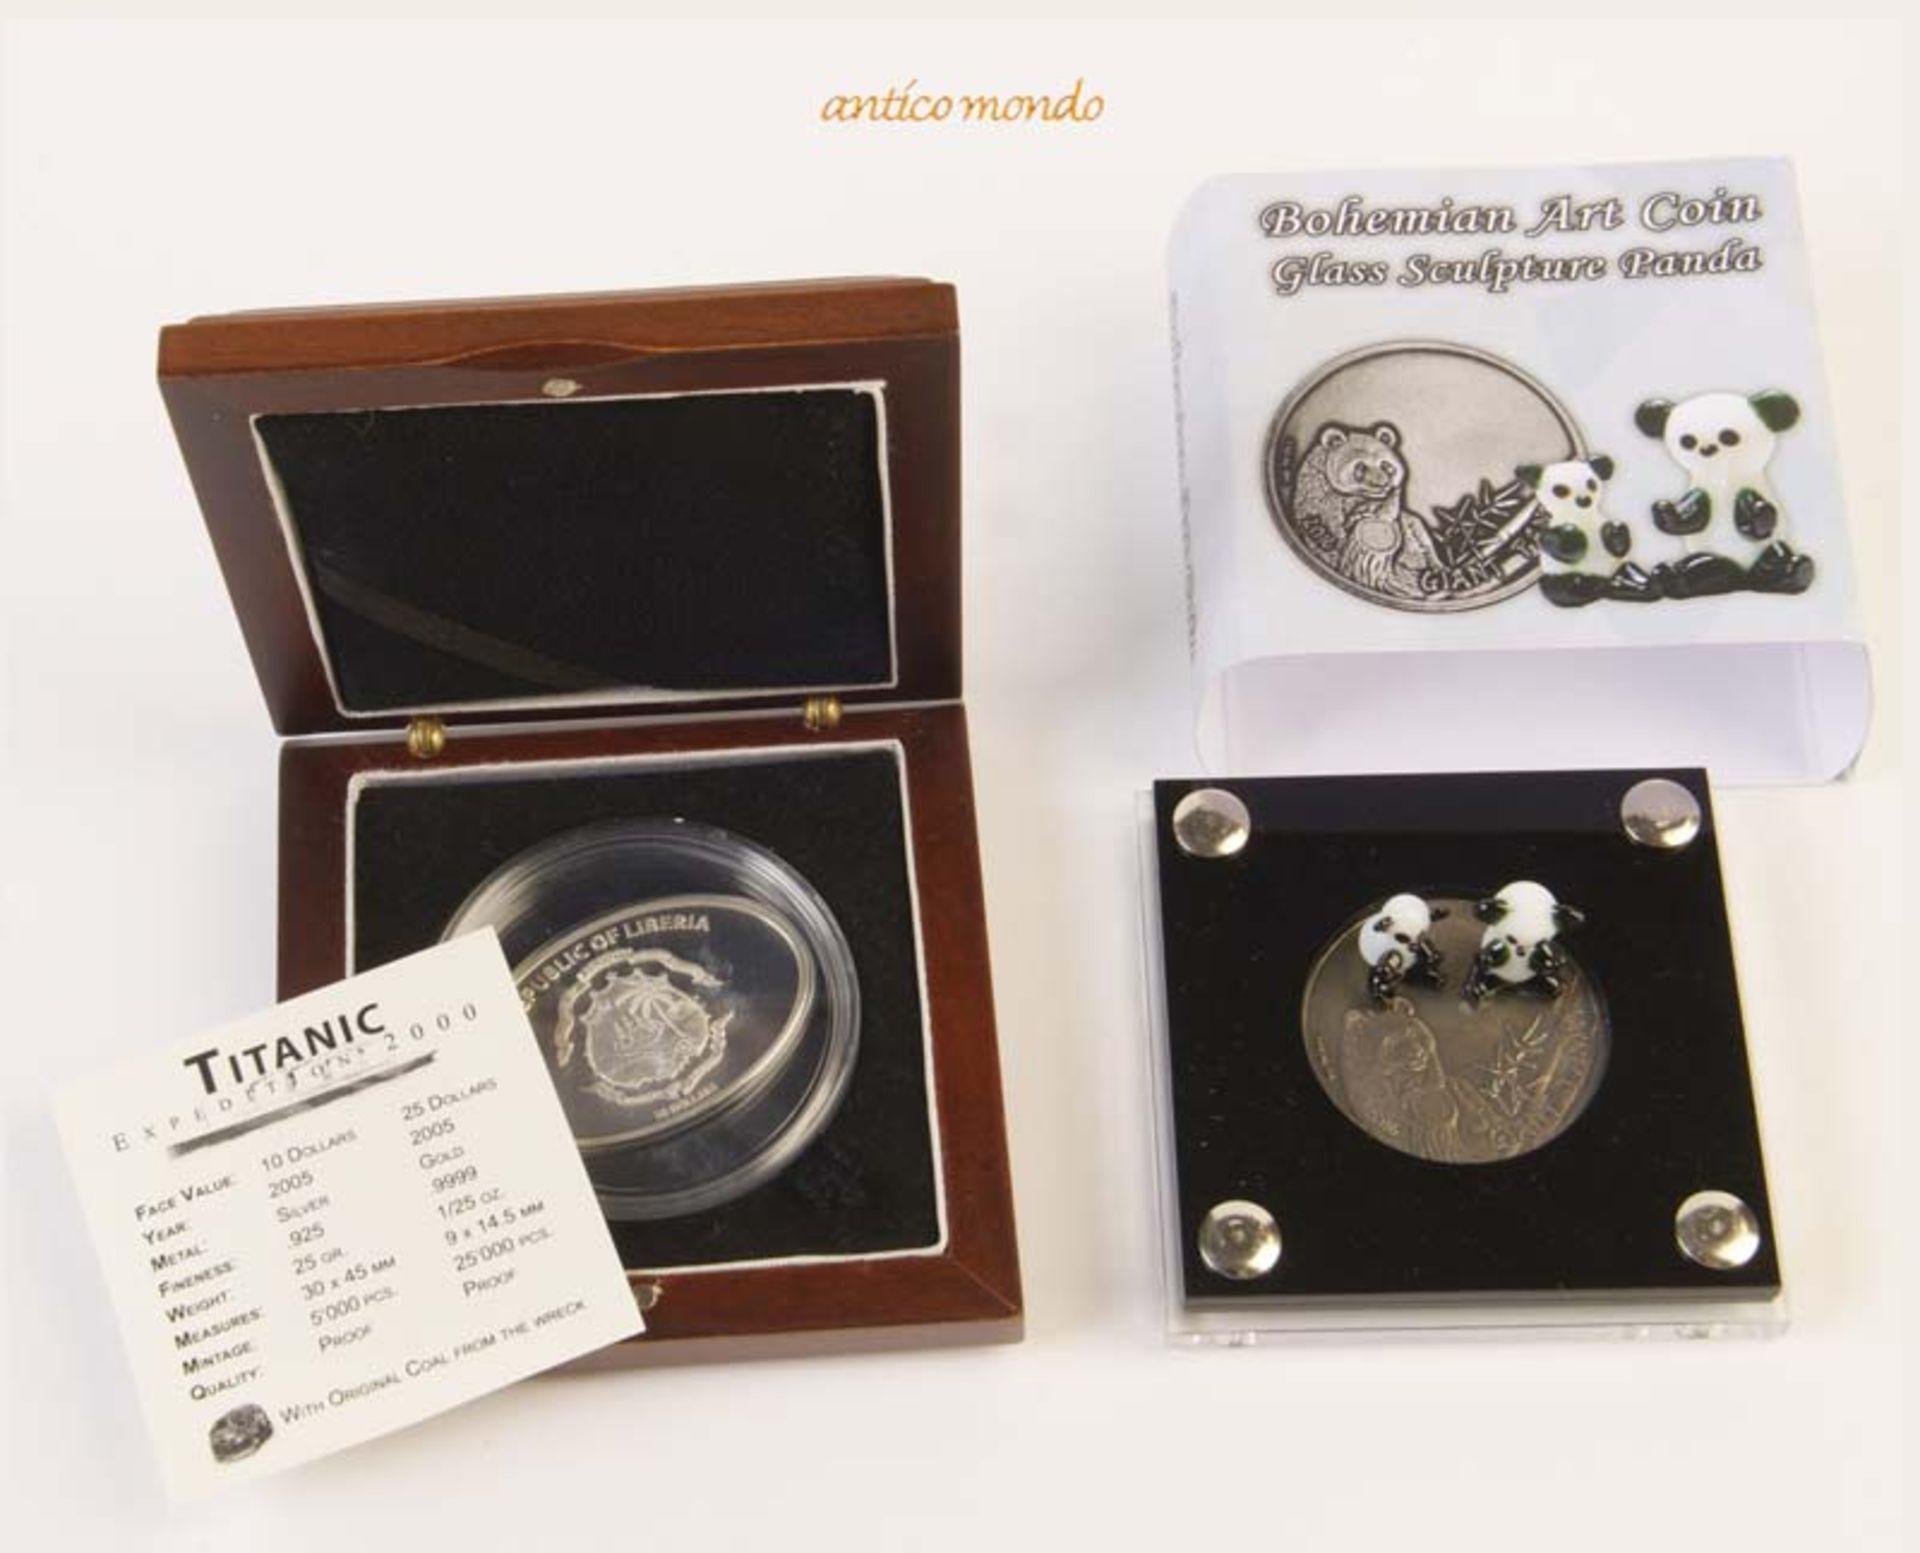 Liberia und Bukina Faso, Lot von 2 modernen Silbermünzen im Etui (1x Etui beschädigt),